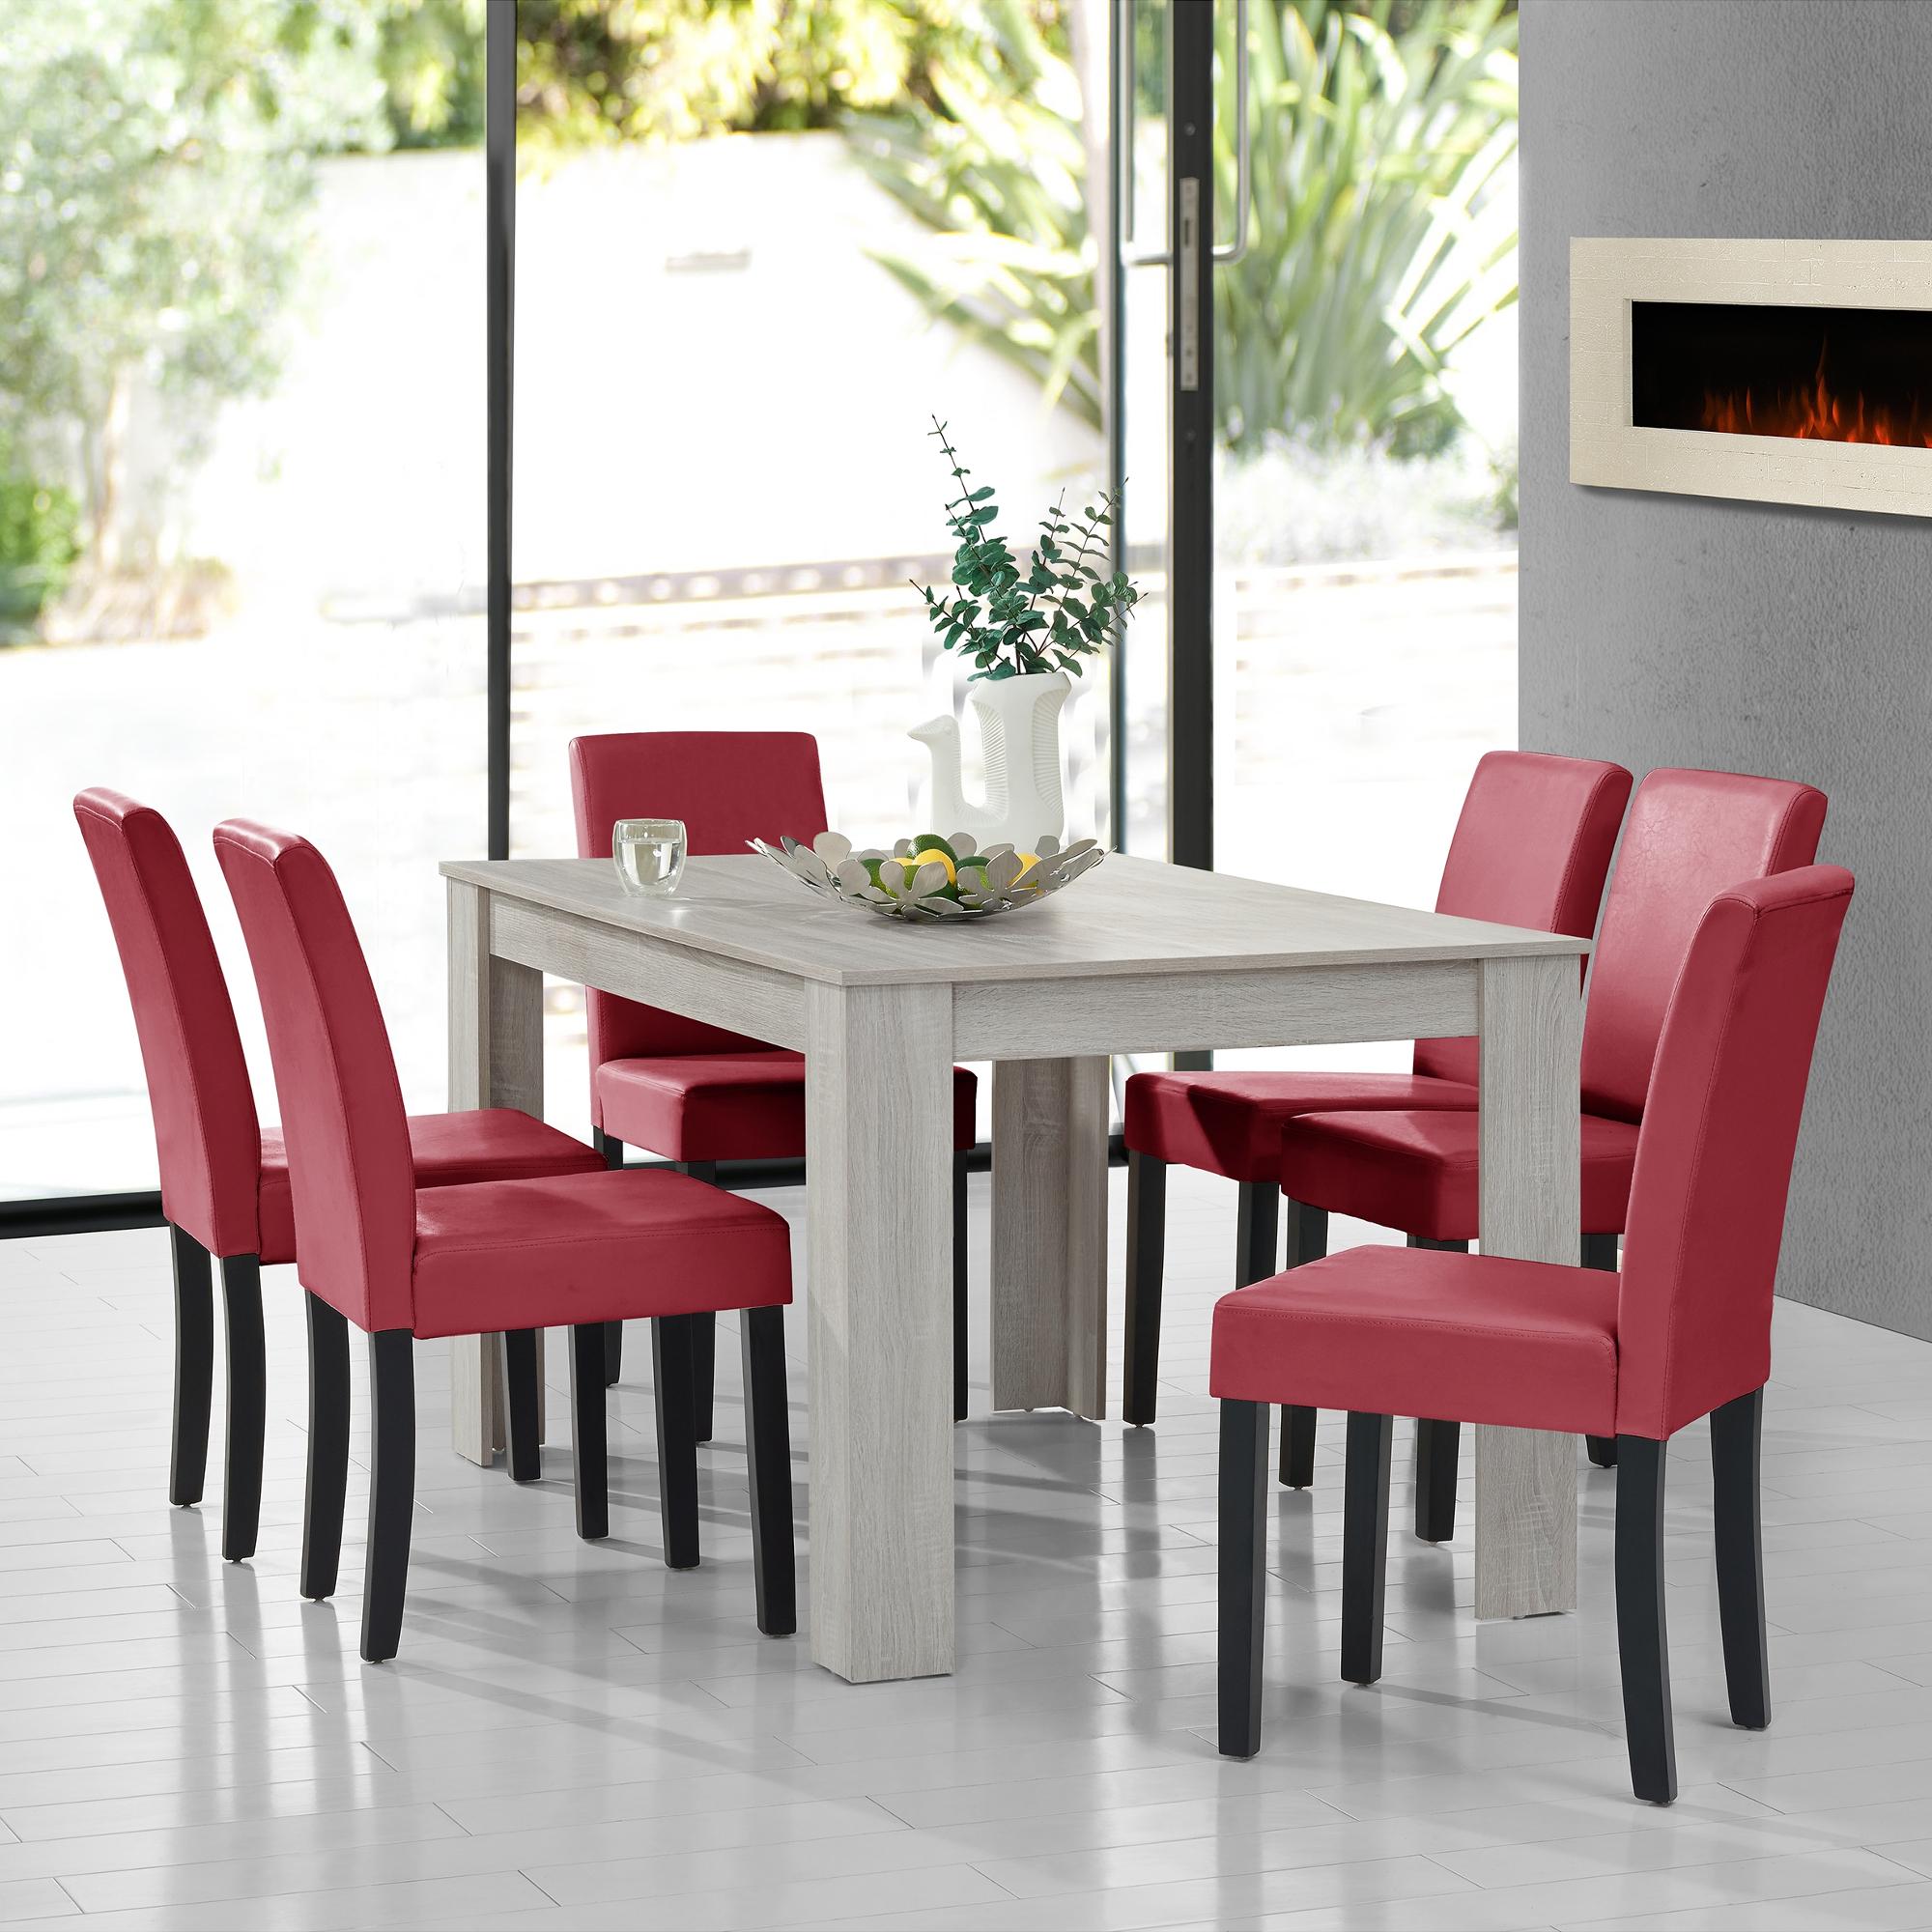 [en.casa] Tavolo da pranzo Rovere bianco con 6 Sedie rosso scuro 140x90 moderno  eBay